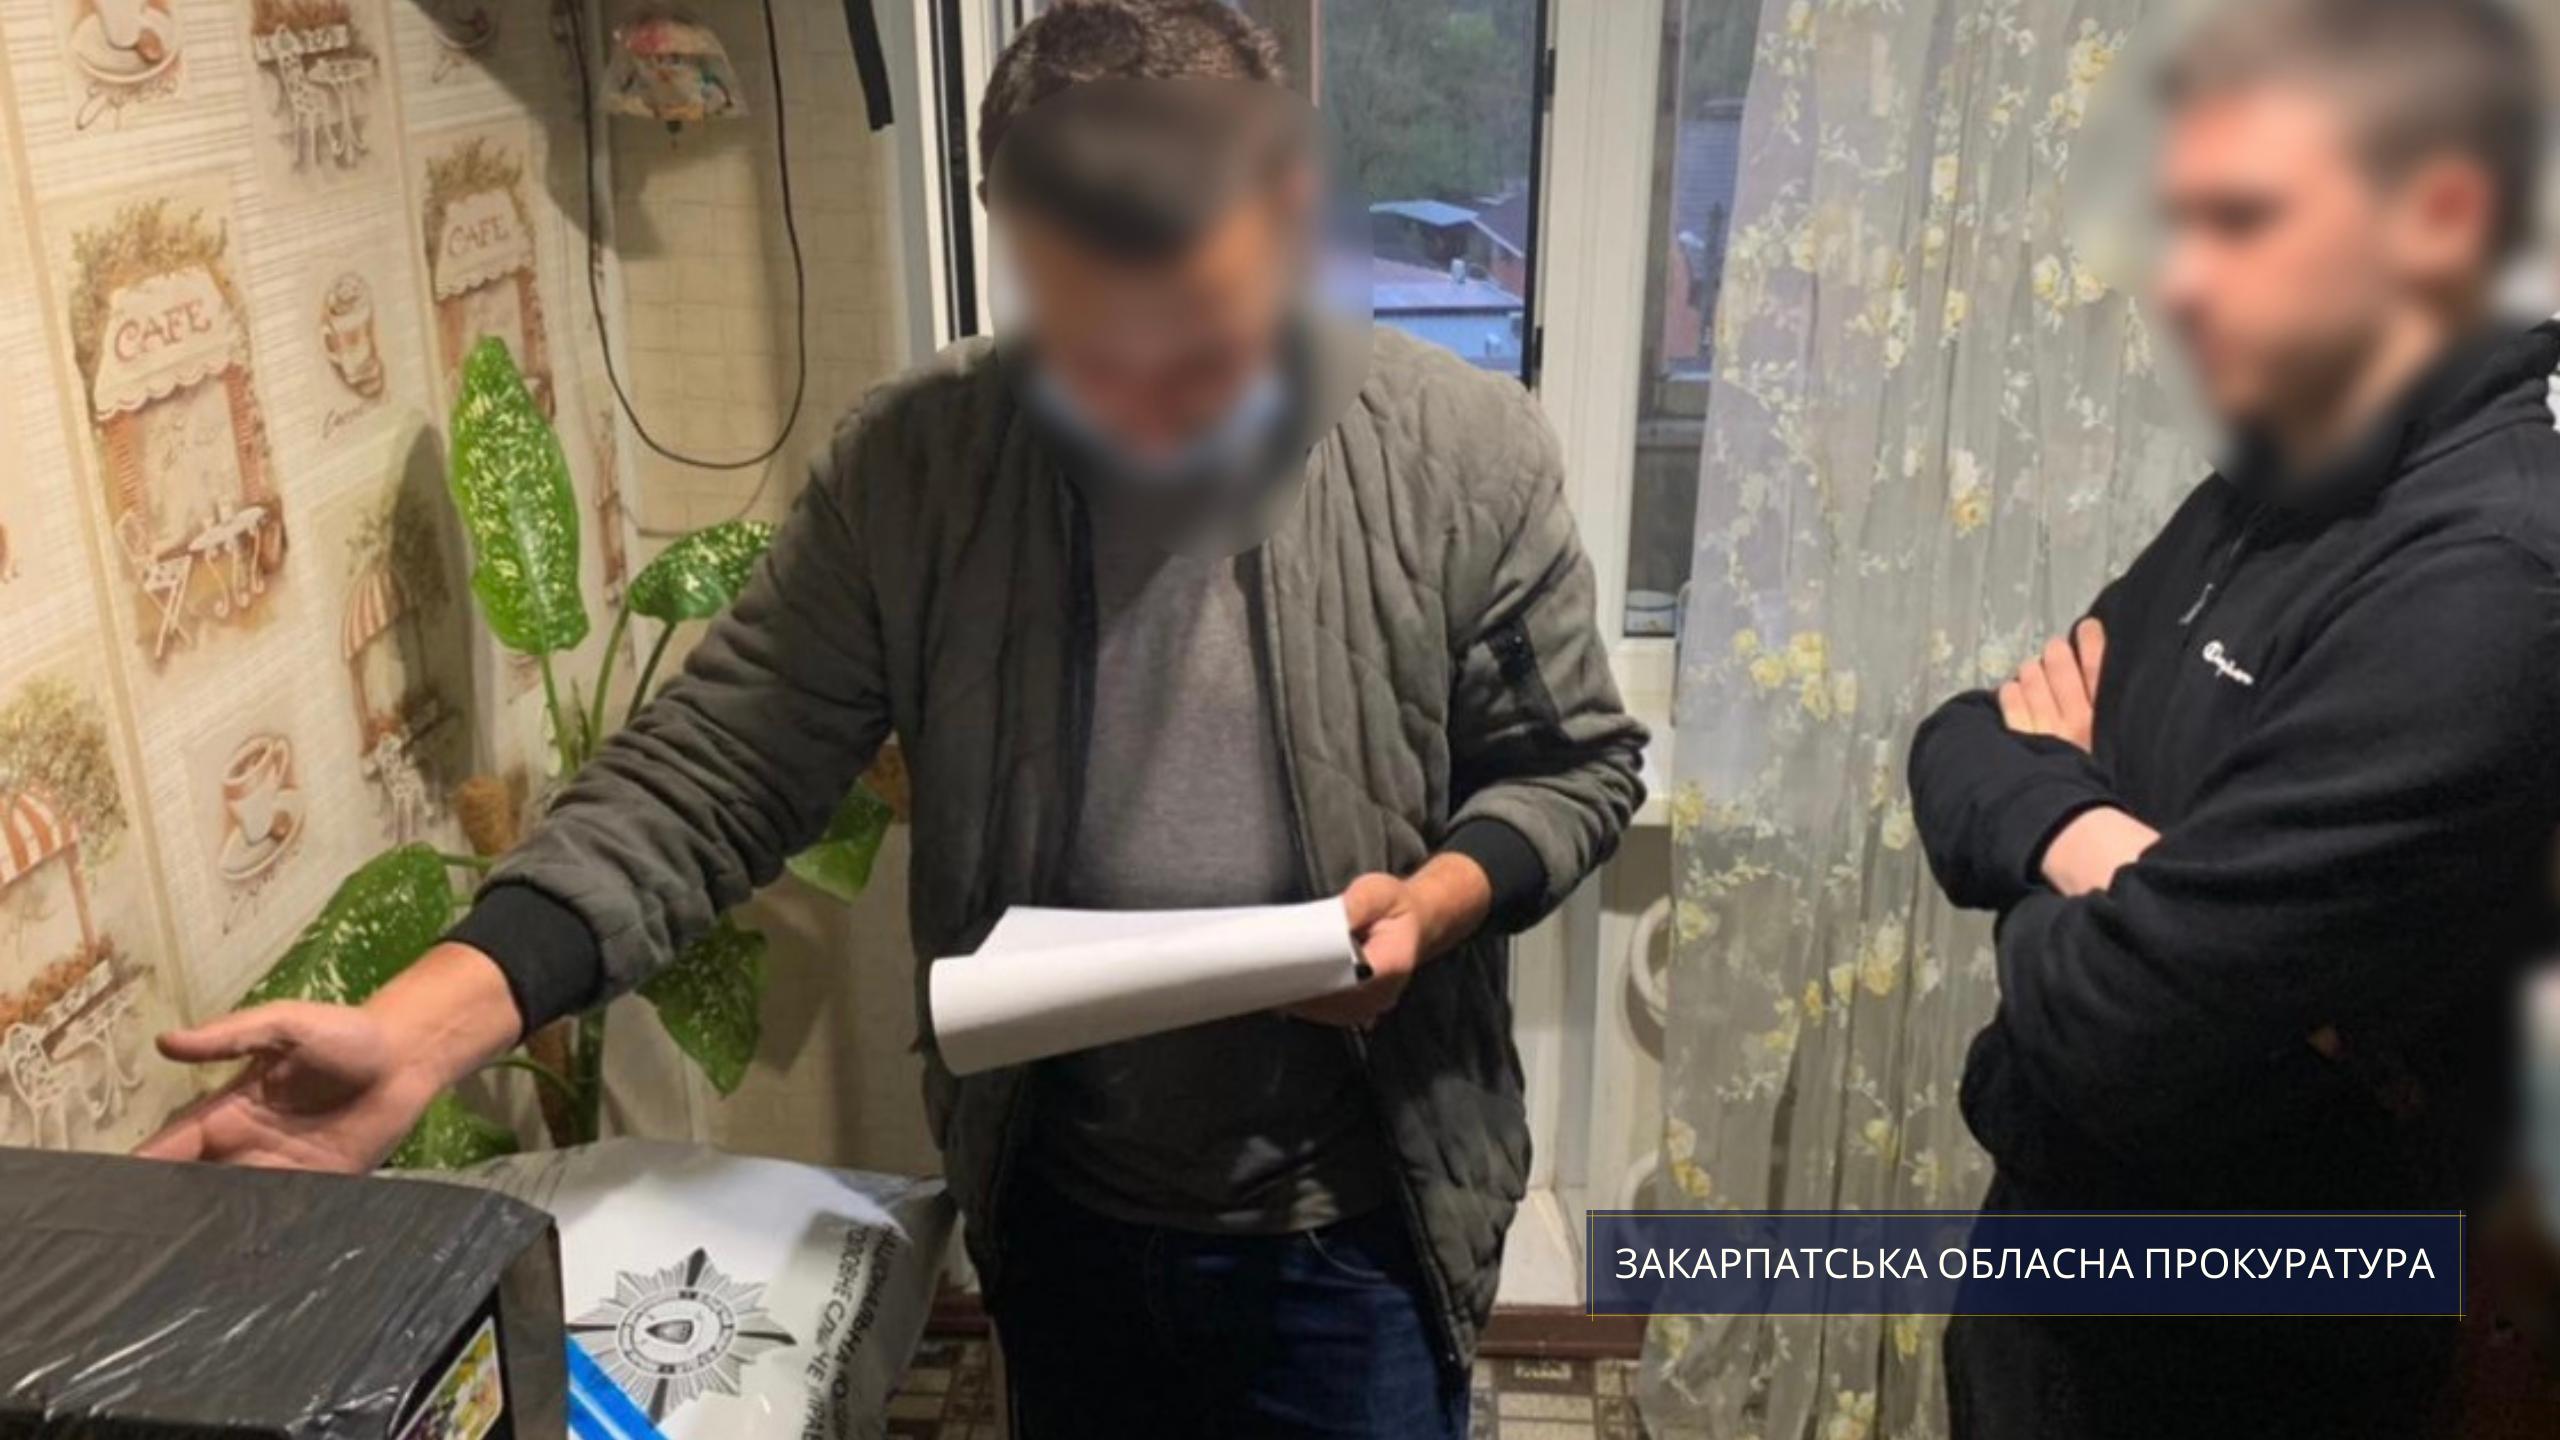 """Підозрюваних у розклеюванні провокаційних антиугорських листівок в Берегові взято під """"нічний"""" домашній арешт"""